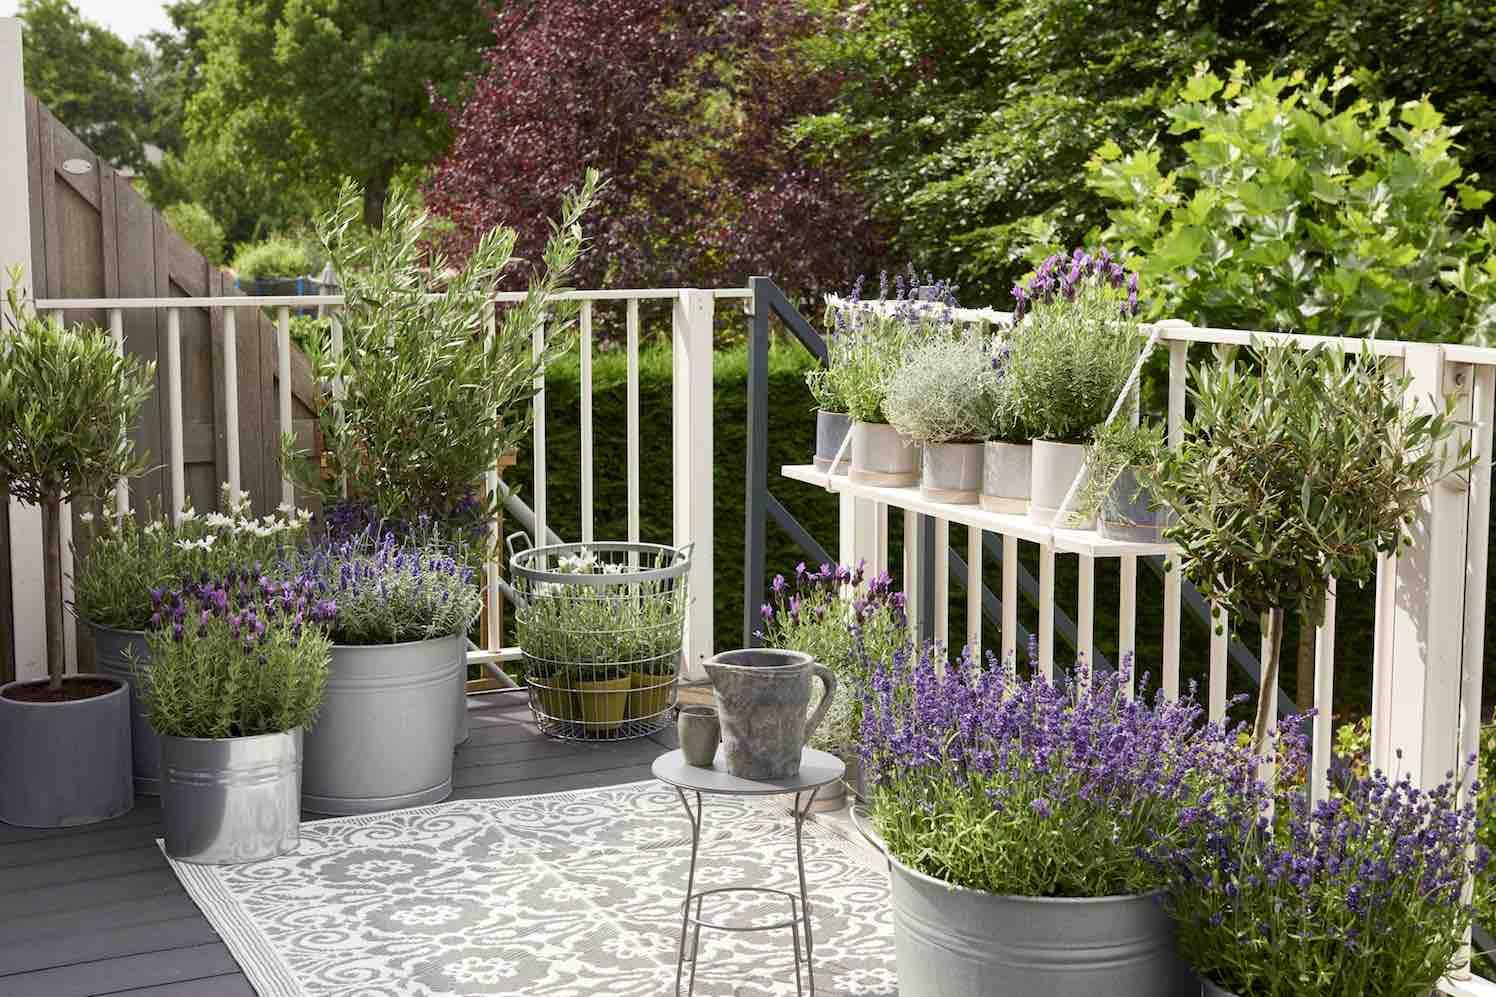 agapanthus en lavendel terras en balkonplant 2018 groenvandaag. Black Bedroom Furniture Sets. Home Design Ideas